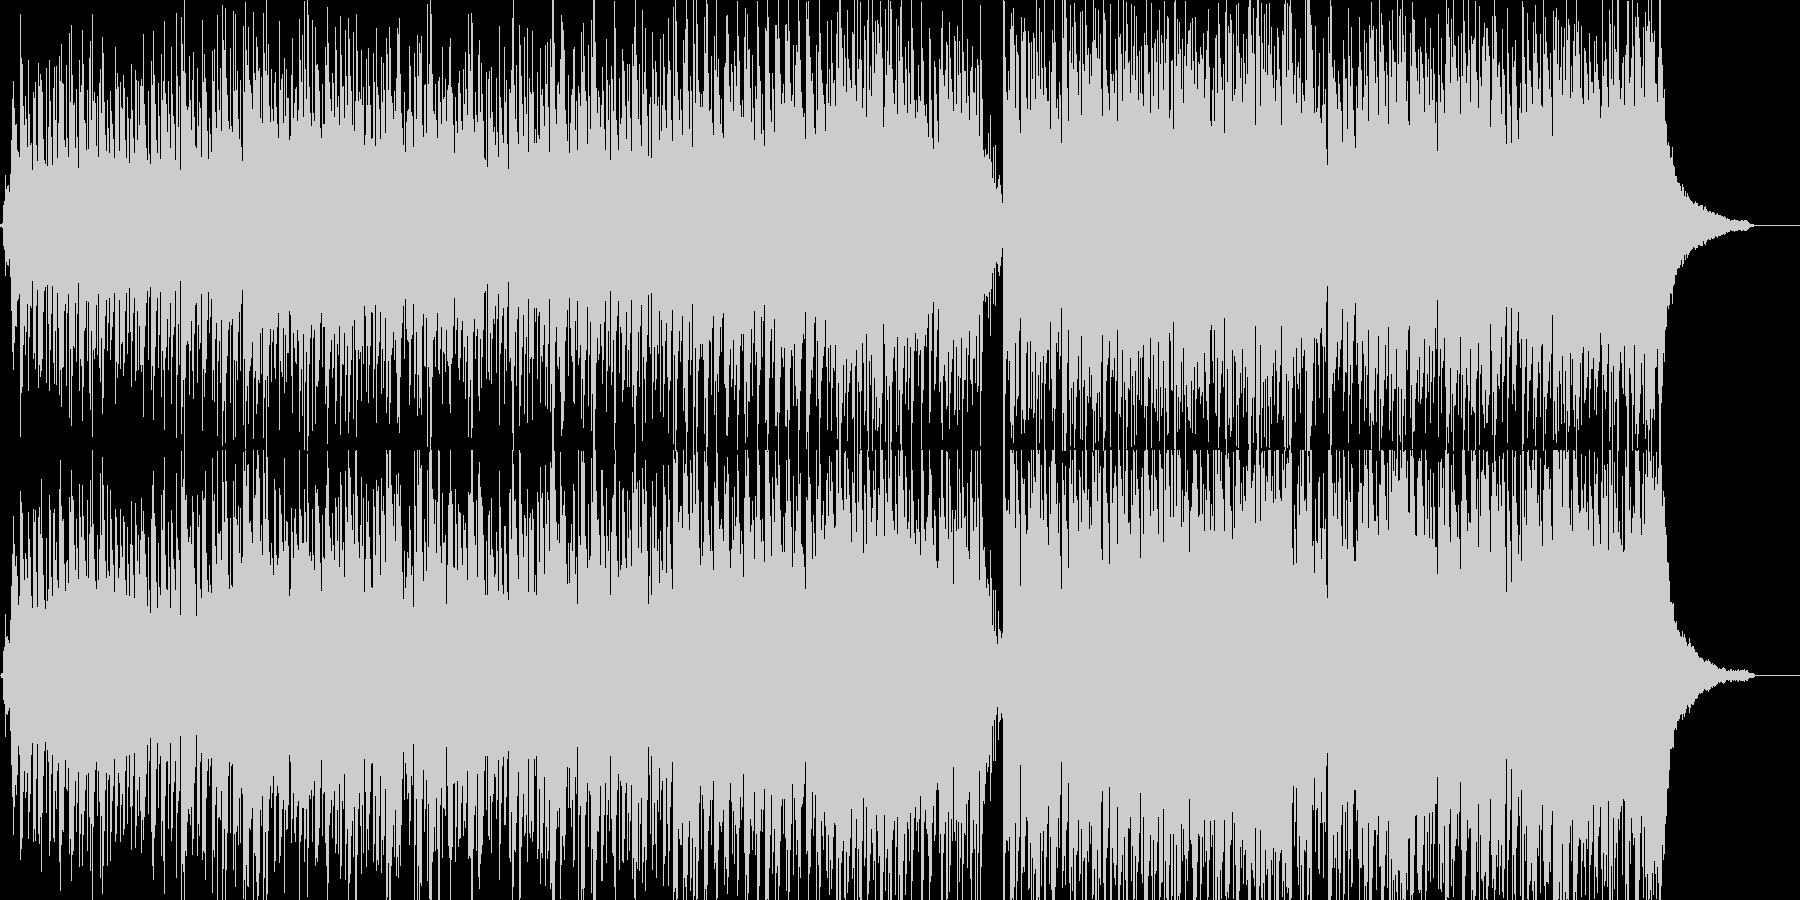 アコギとピアノのポップスの未再生の波形